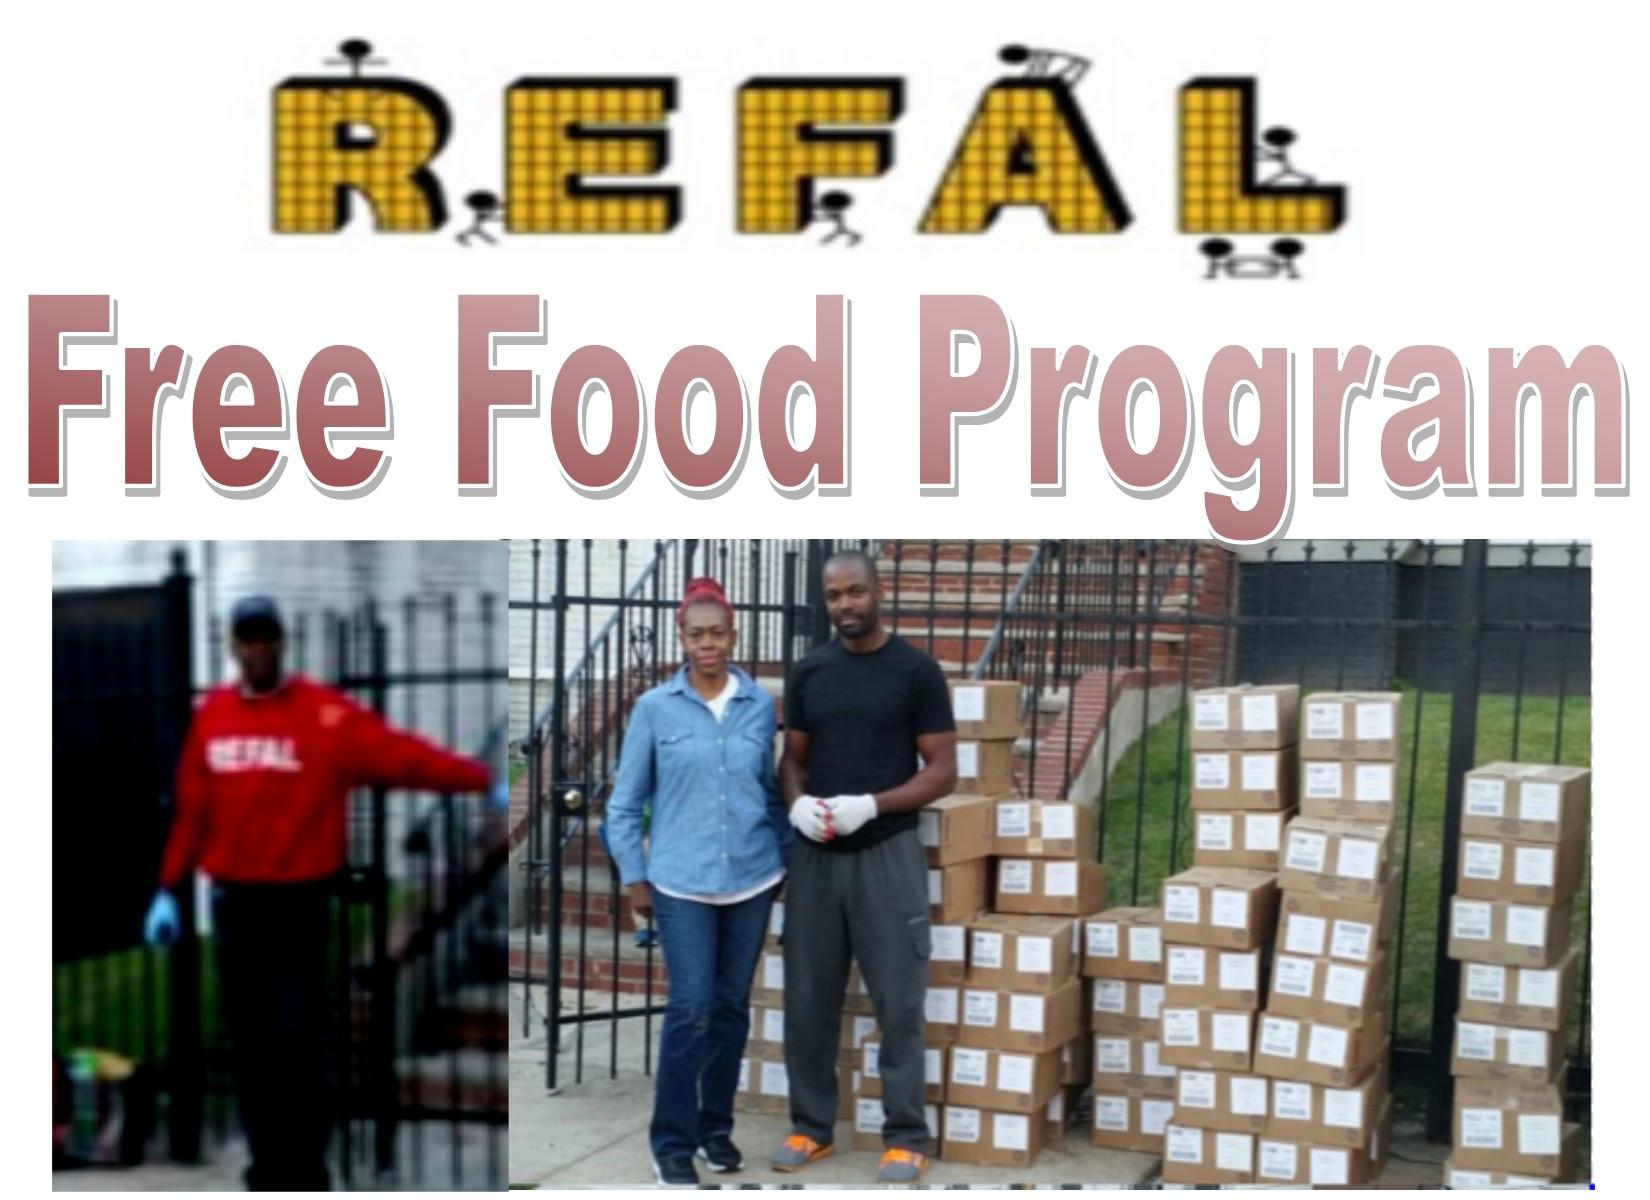 Free Food Program every 2 weeks